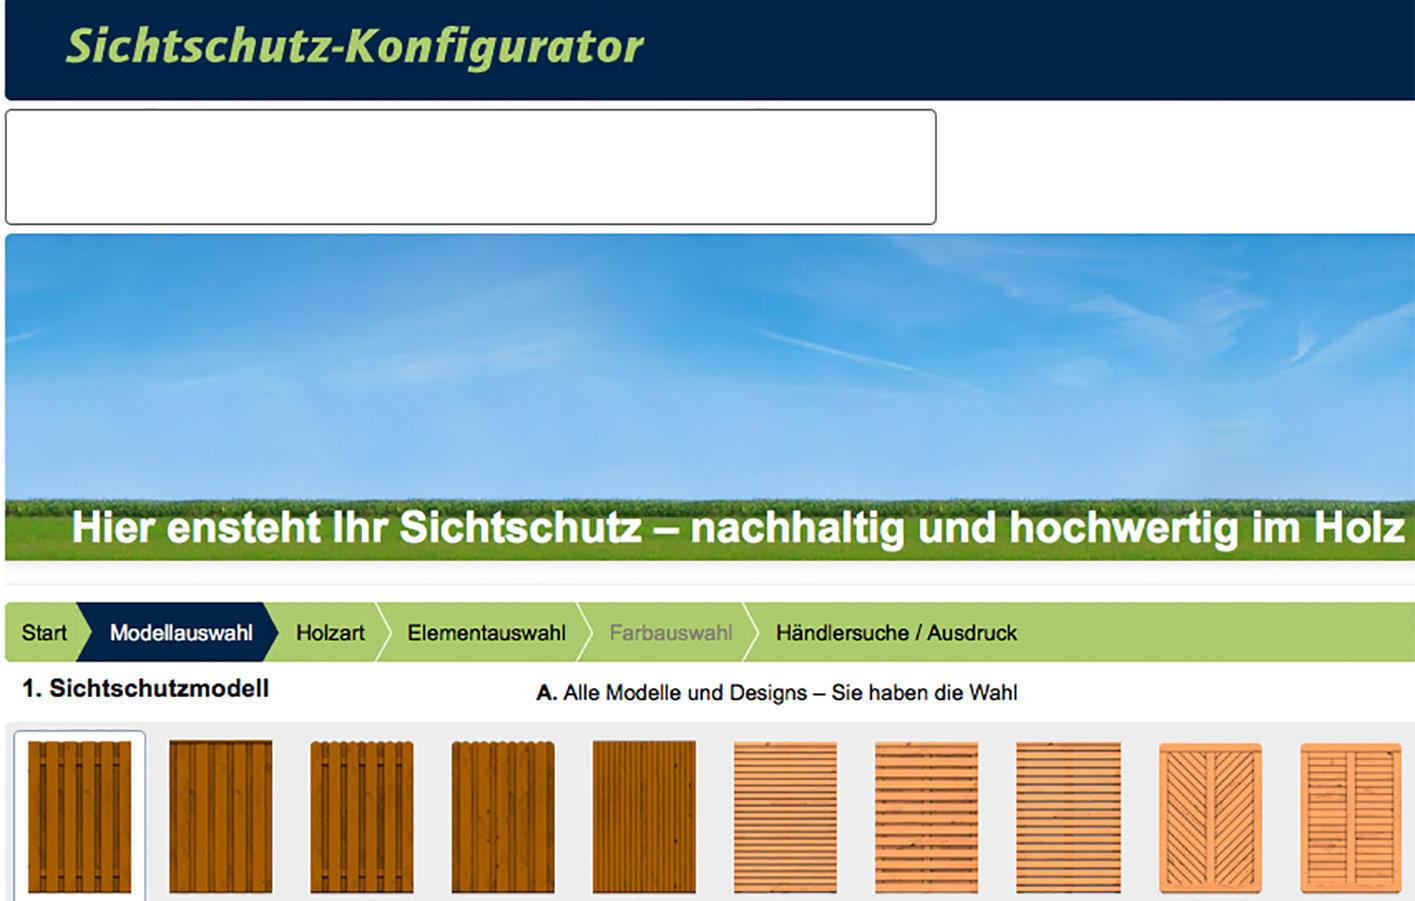 Sichtschutz Holz Konfigurator ~   Treuen, Adorf & Auerbach Sichtschutz  Zäune holzkellner adorf gmbh